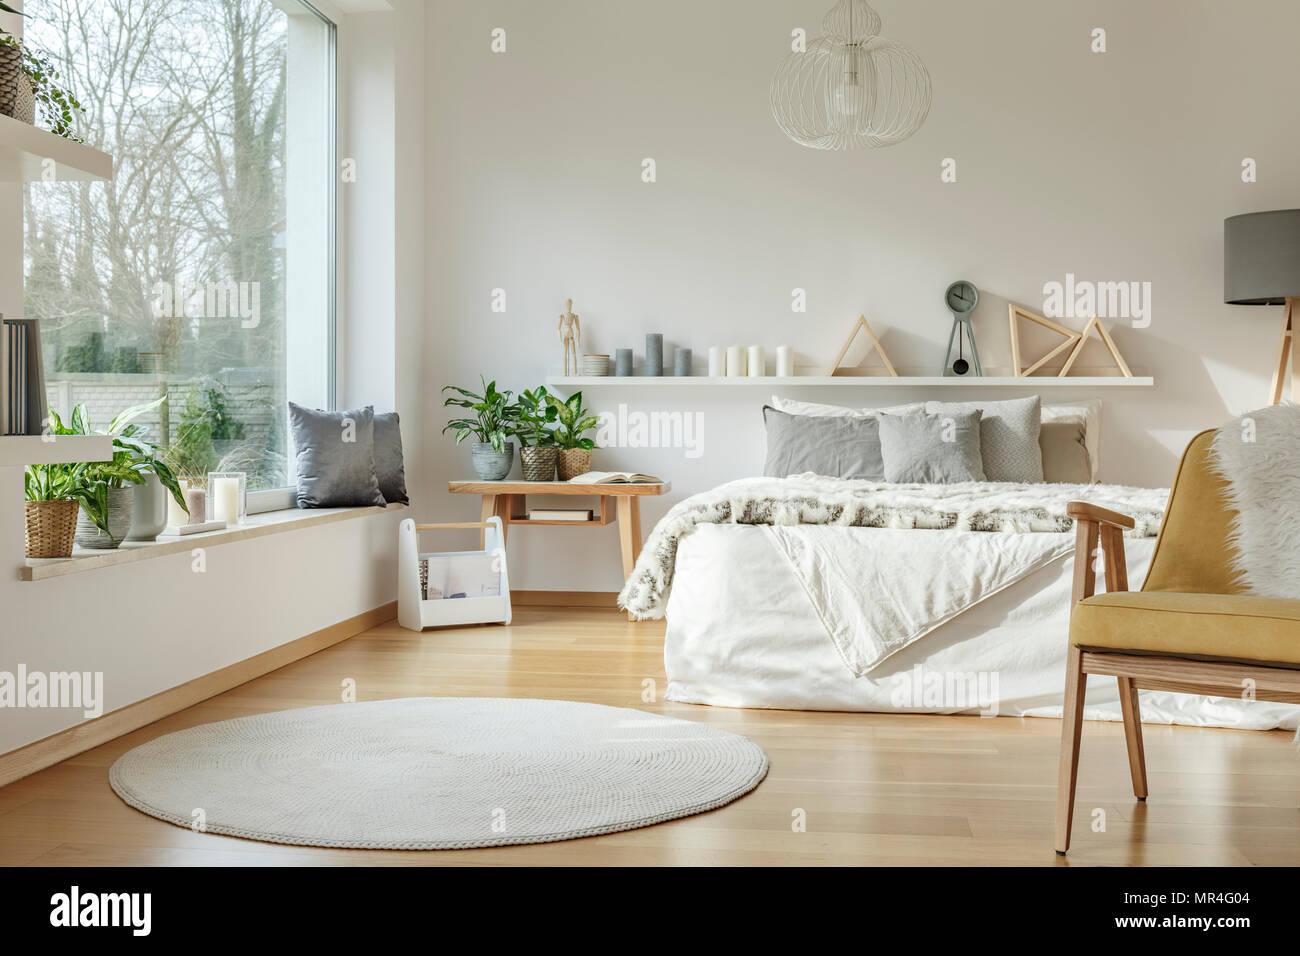 Weissen Runden Teppich Und Gelb Holz Sessel In Hellen Schlafzimmer Einrichtung Mit Pflanzen Und Fenster Stockfotografie Alamy